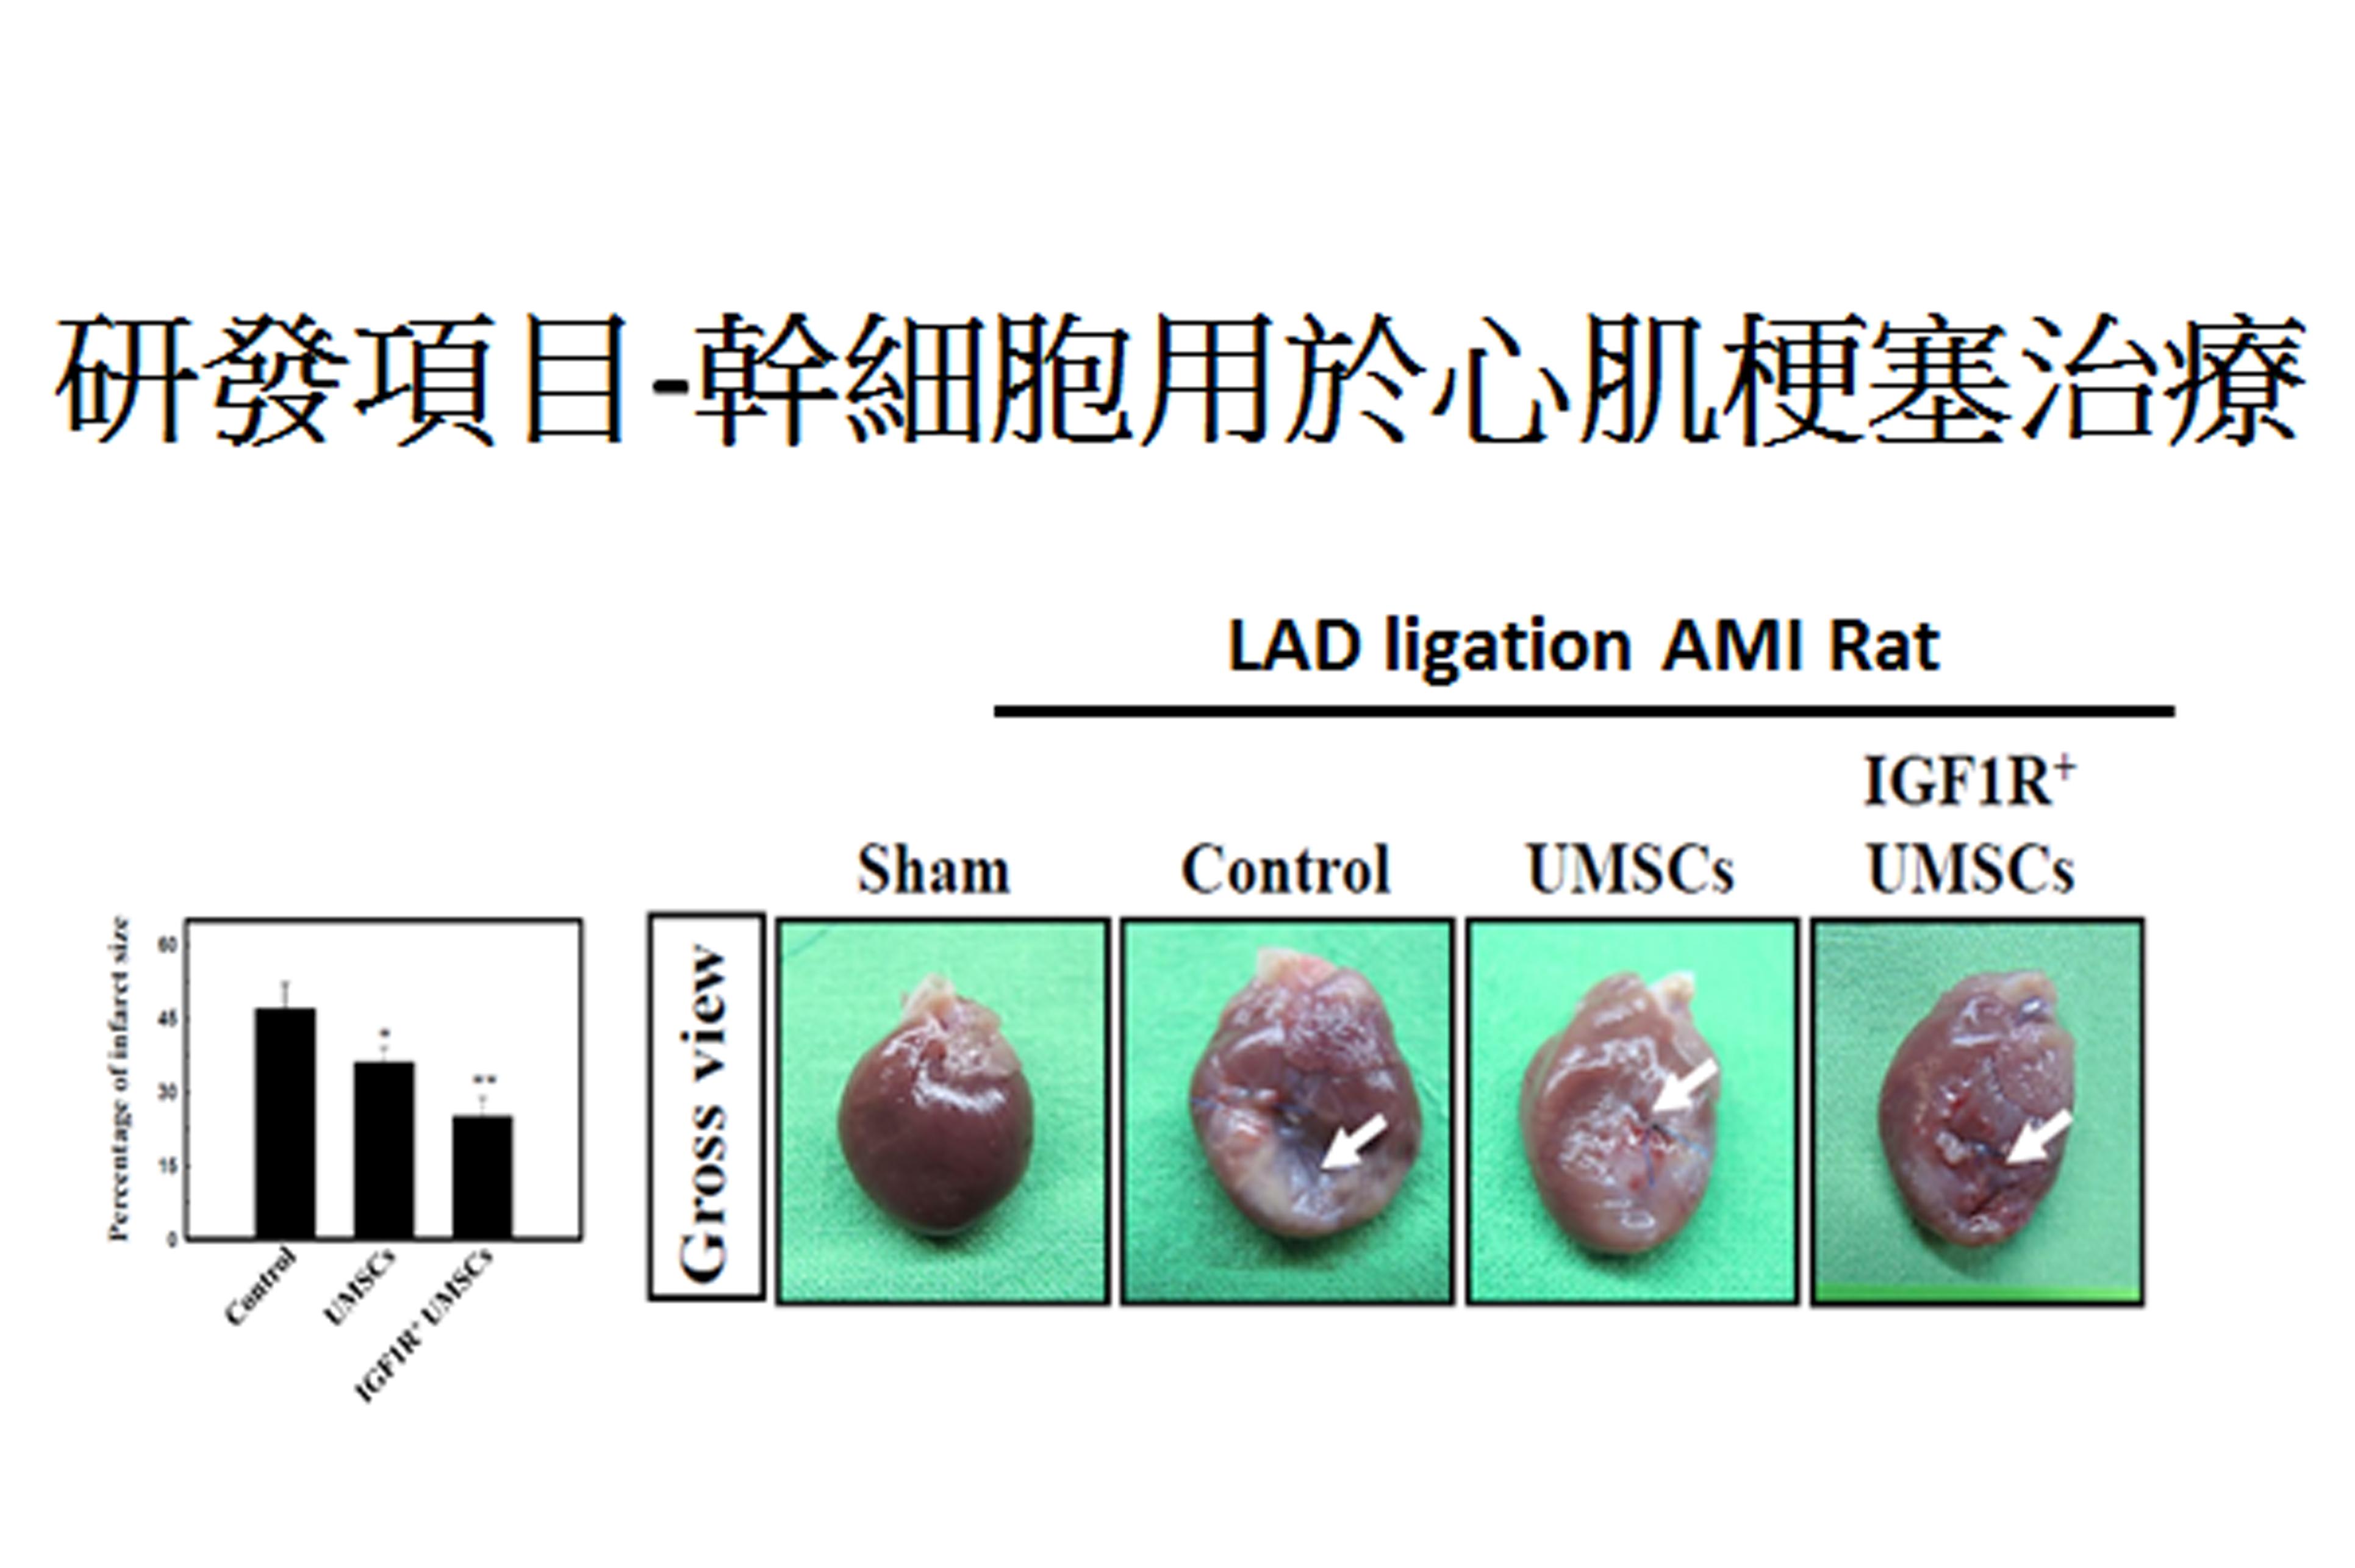 長聖生技所進行的臨床試驗之一:幹細胞用於心肌梗塞治療之應用